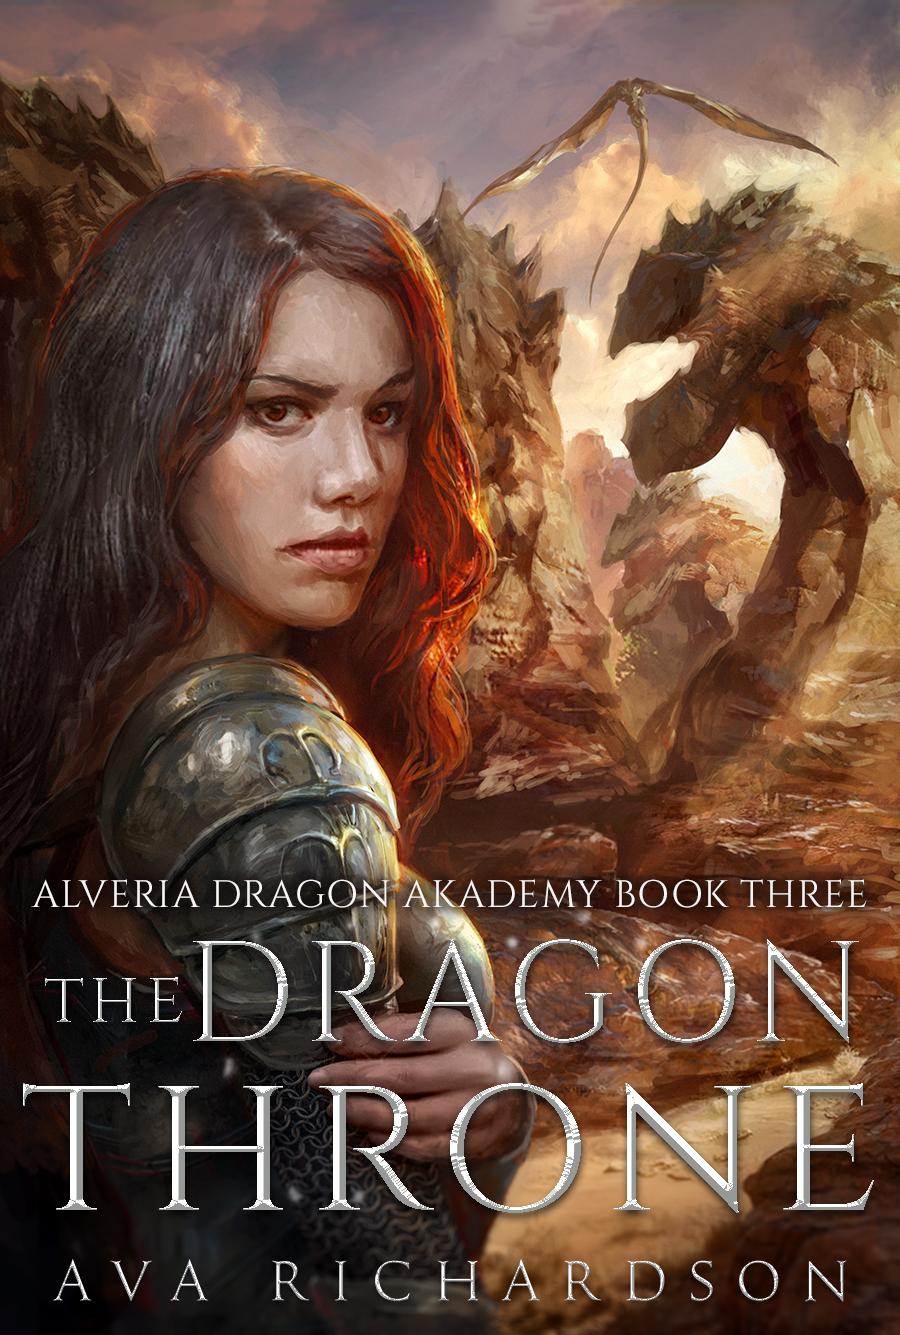 Alveria Dragon Akademy Book 3